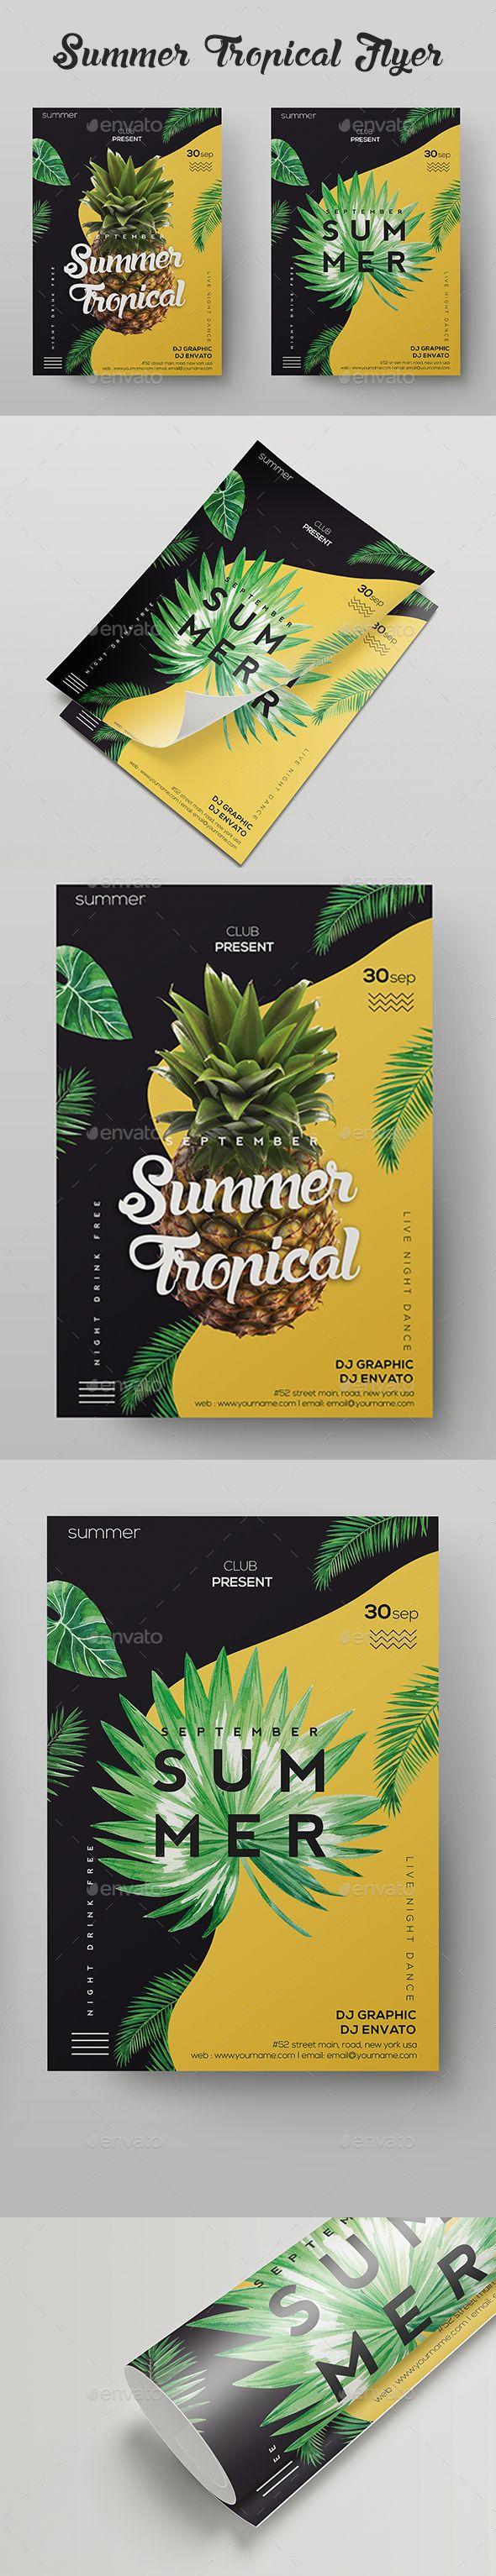 Summer Tropical Flyer